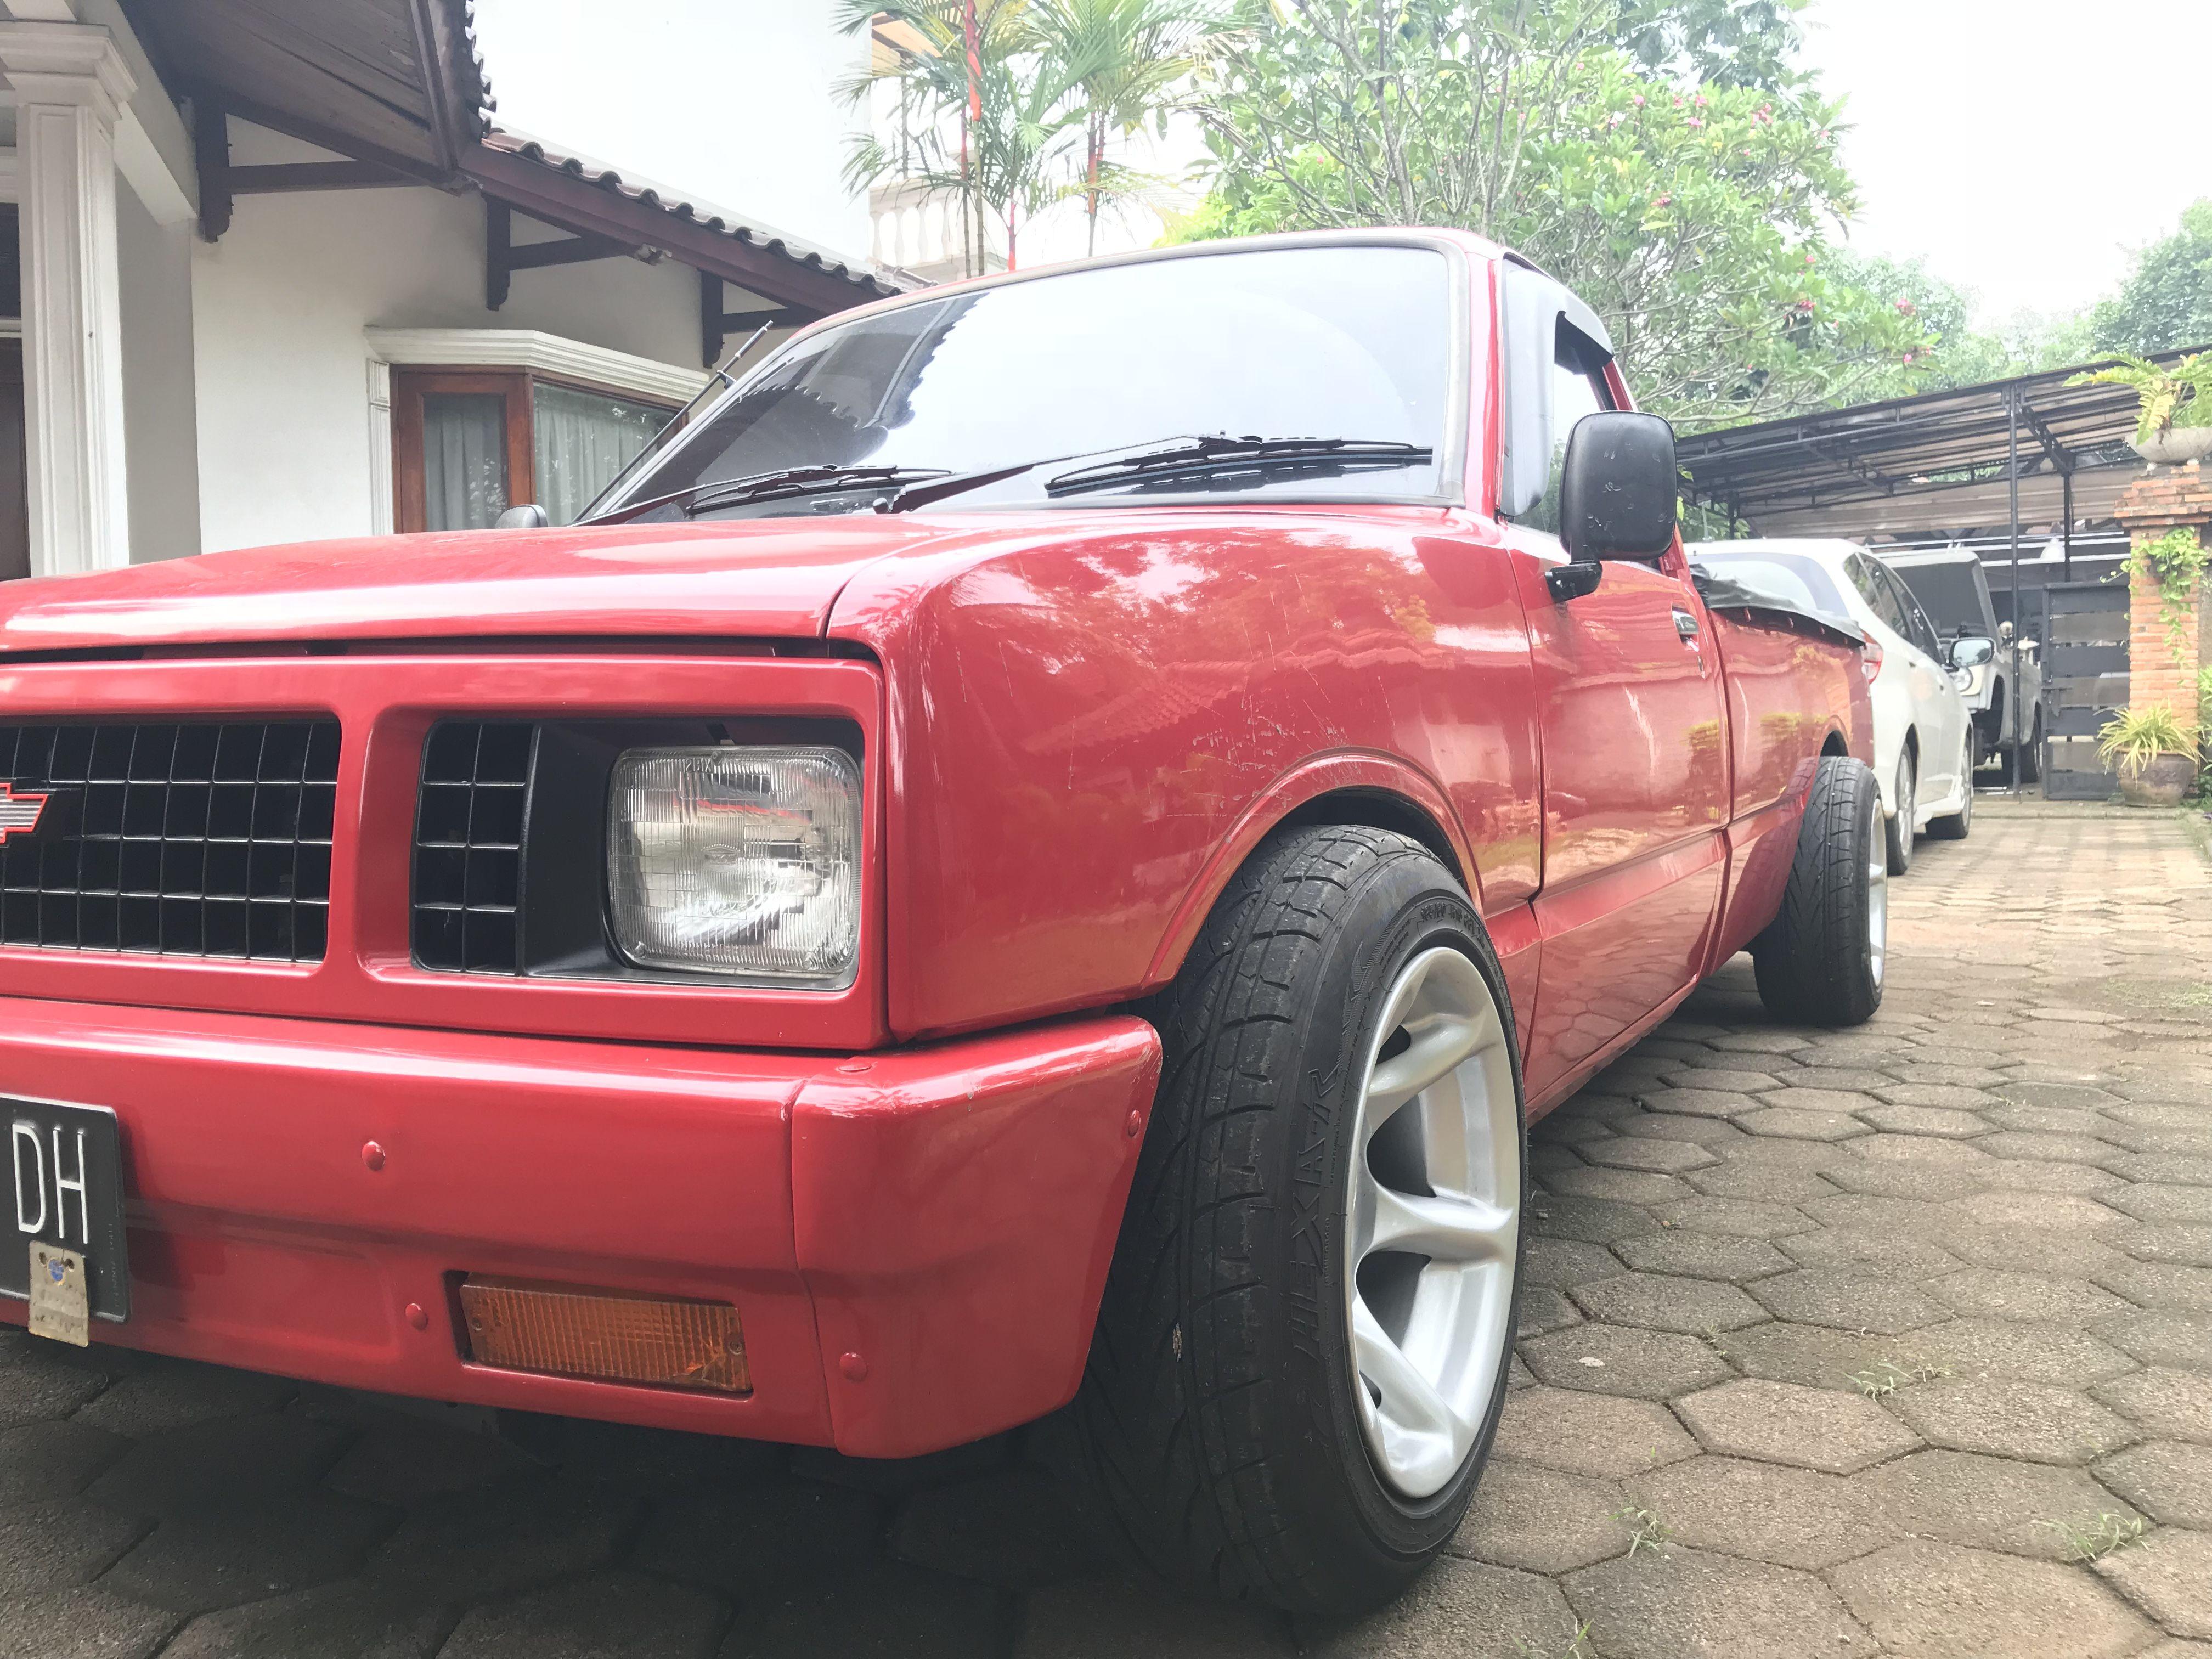 Chevy Luv Chevy Luv Mini Trucks Chevy